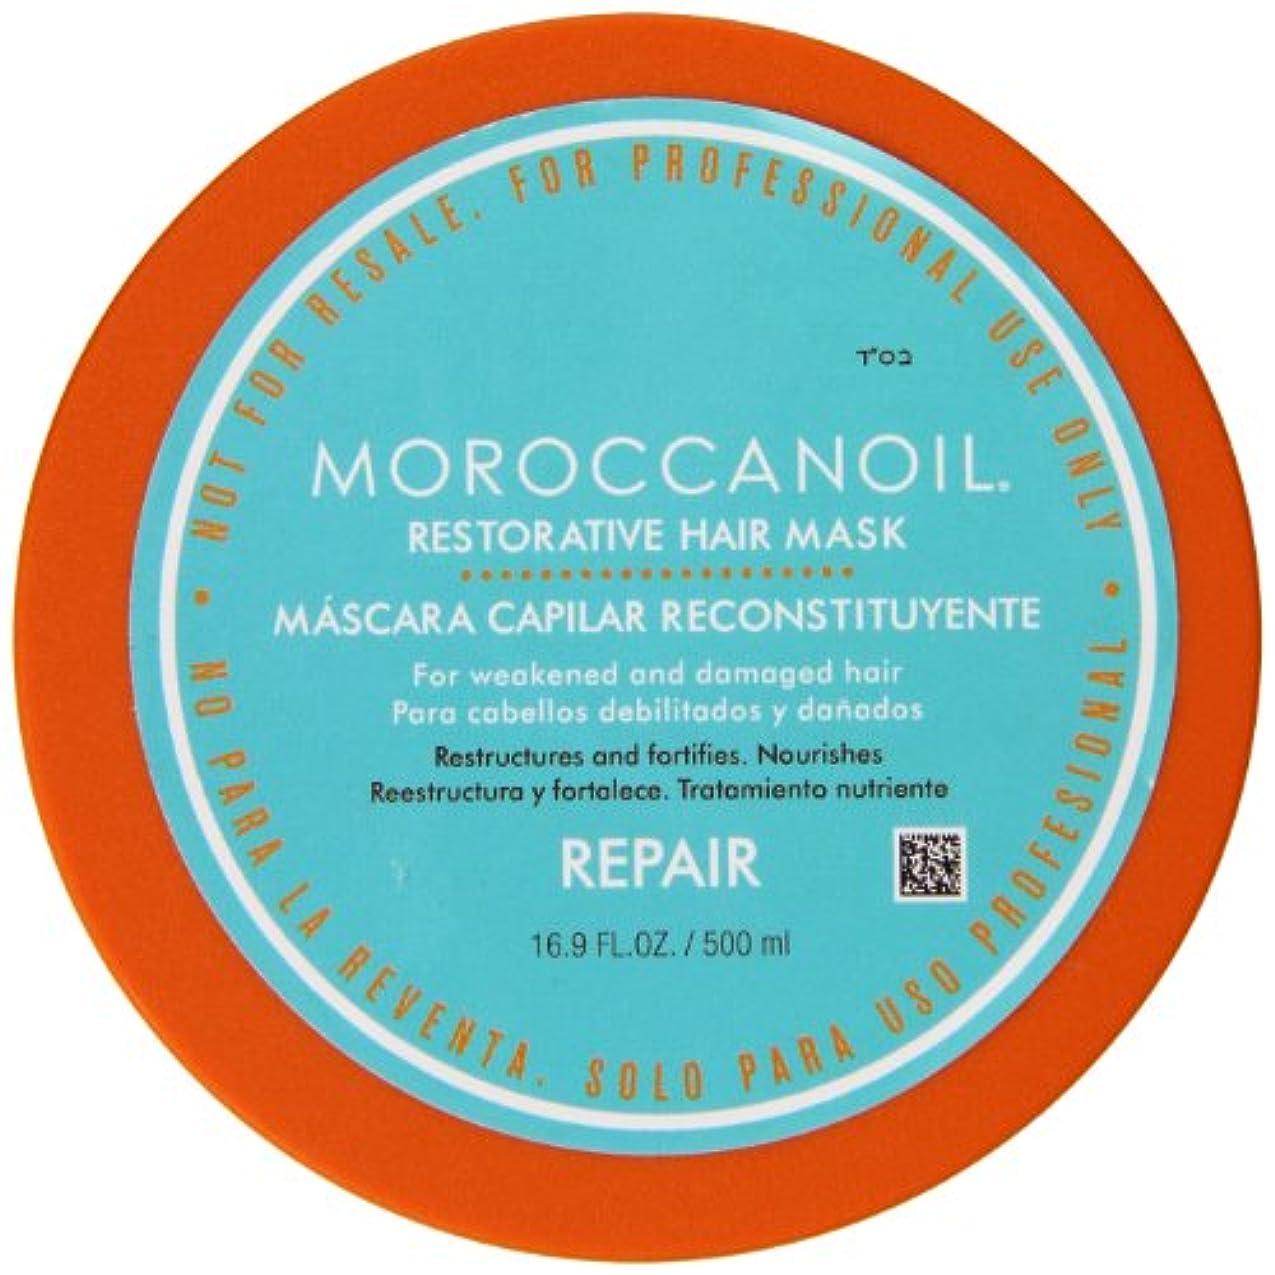 忘れられない統合吸い込むモロッカンオイル リストラクティブ ヘア マスク (ダメージを受けた髪用) 500ml/16.9oz並行輸入品